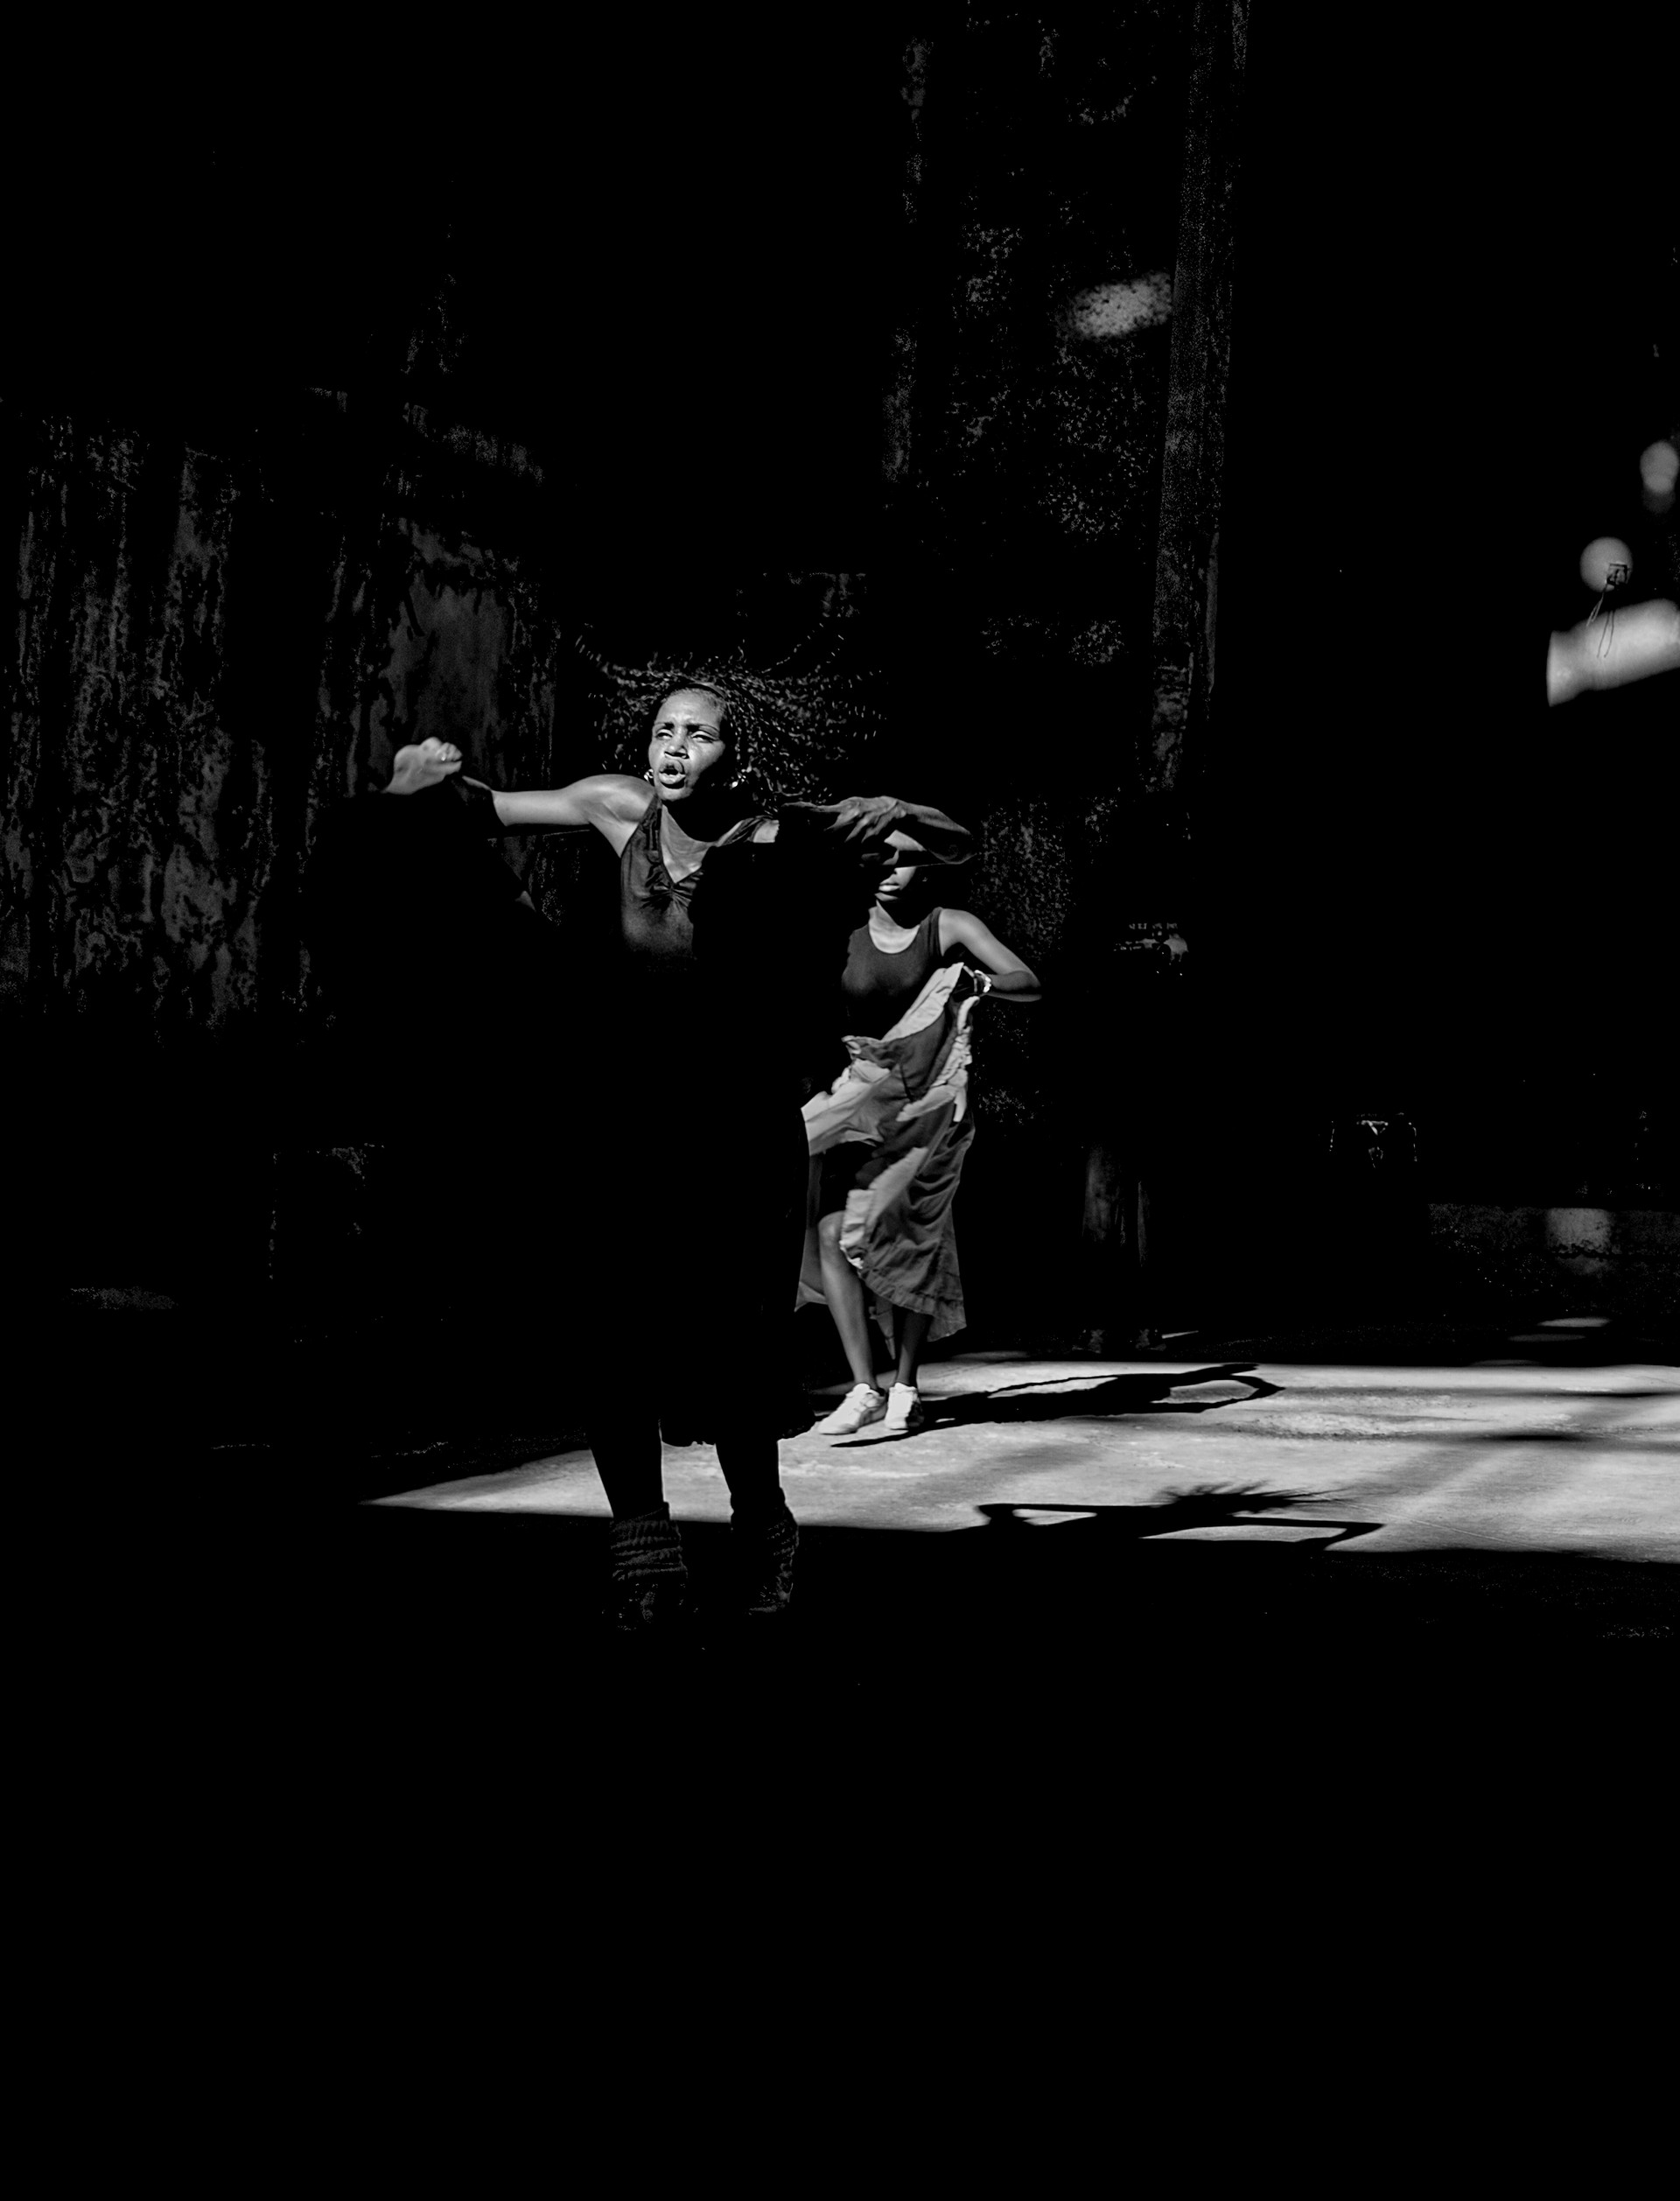 Dance Group in alleyway venue, Havana